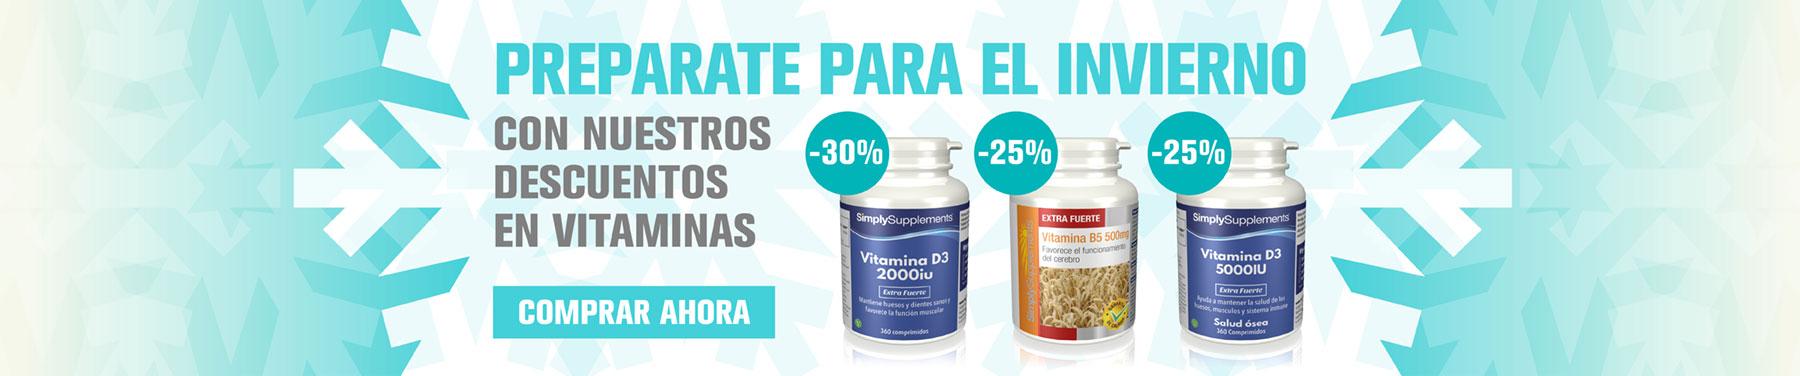 Preparate para el invierno con nuestros descuentos en vitaminas